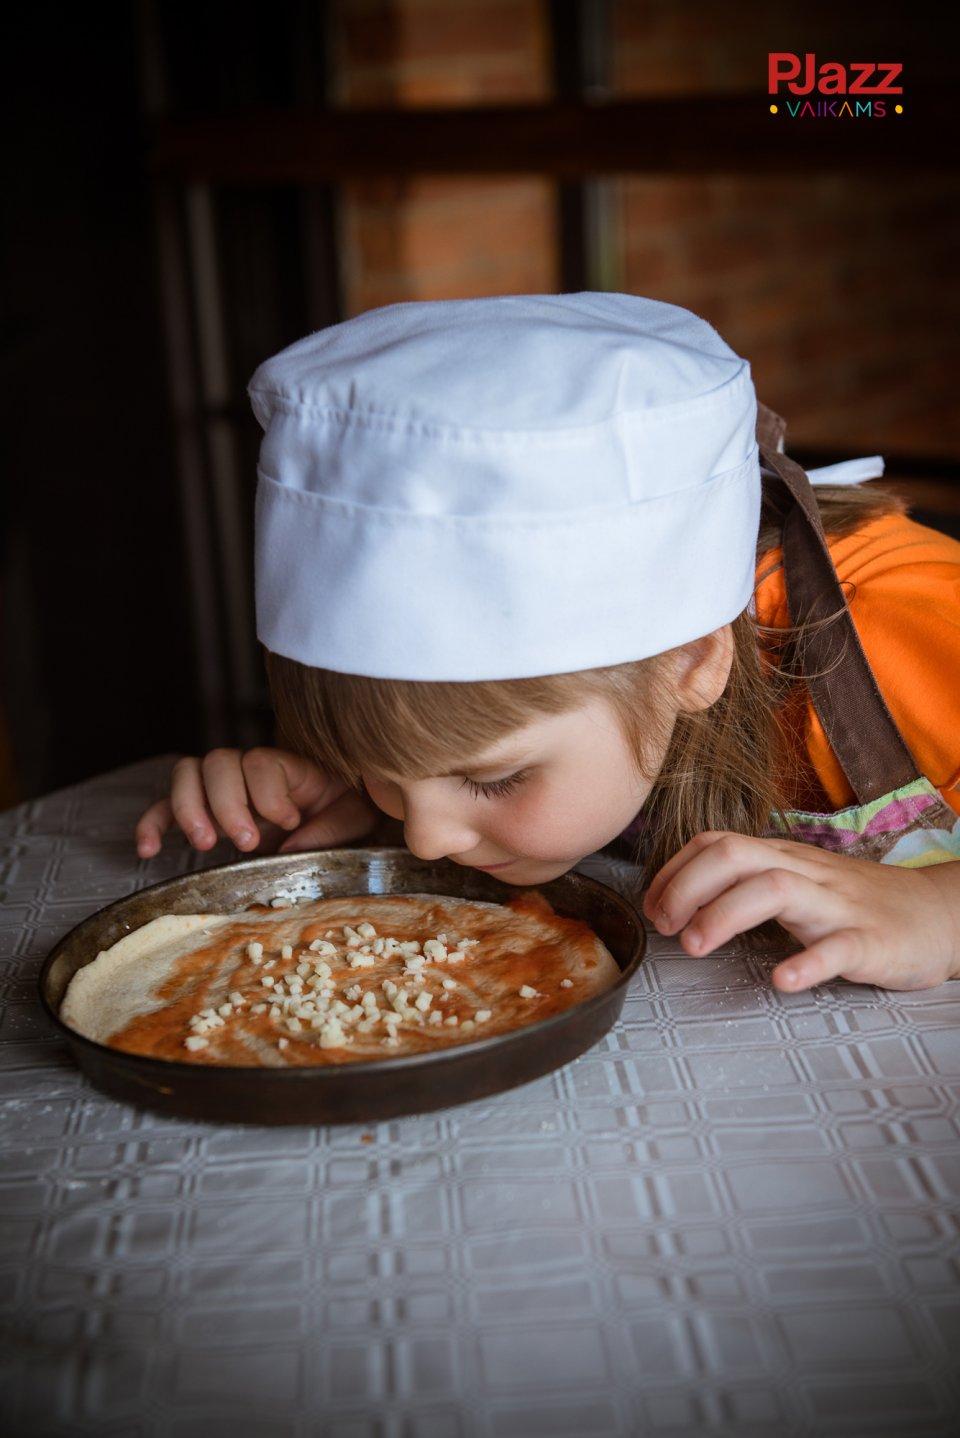 kulinarinis gimtadienis PJAZZ 5